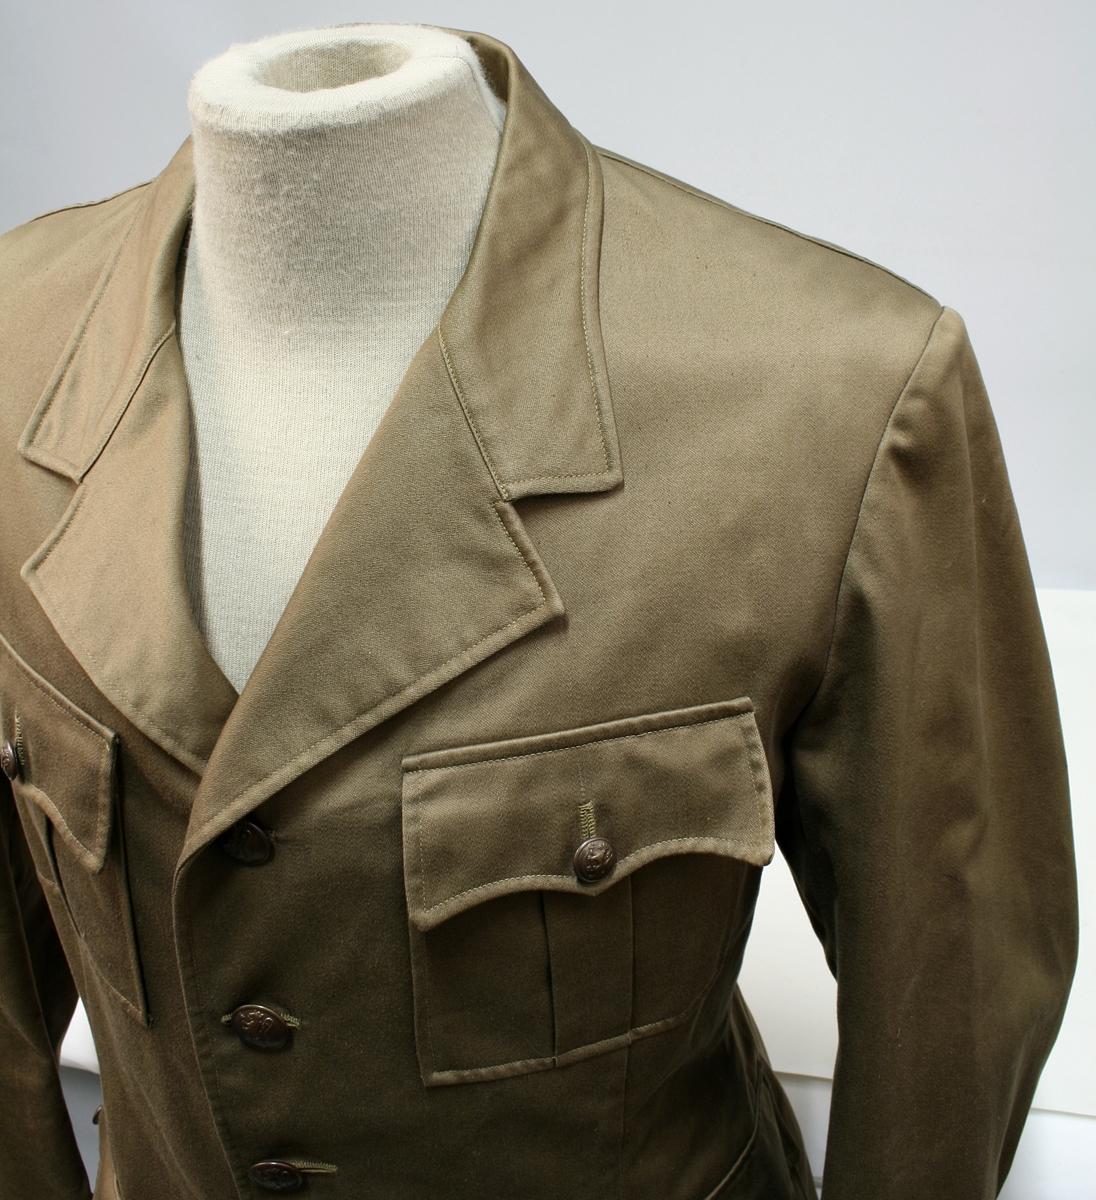 Nokså lik 1953 modellen. Enkeltkneppet brun jakke med fire knapper, fire ytterlommer og nedbrettet krage.